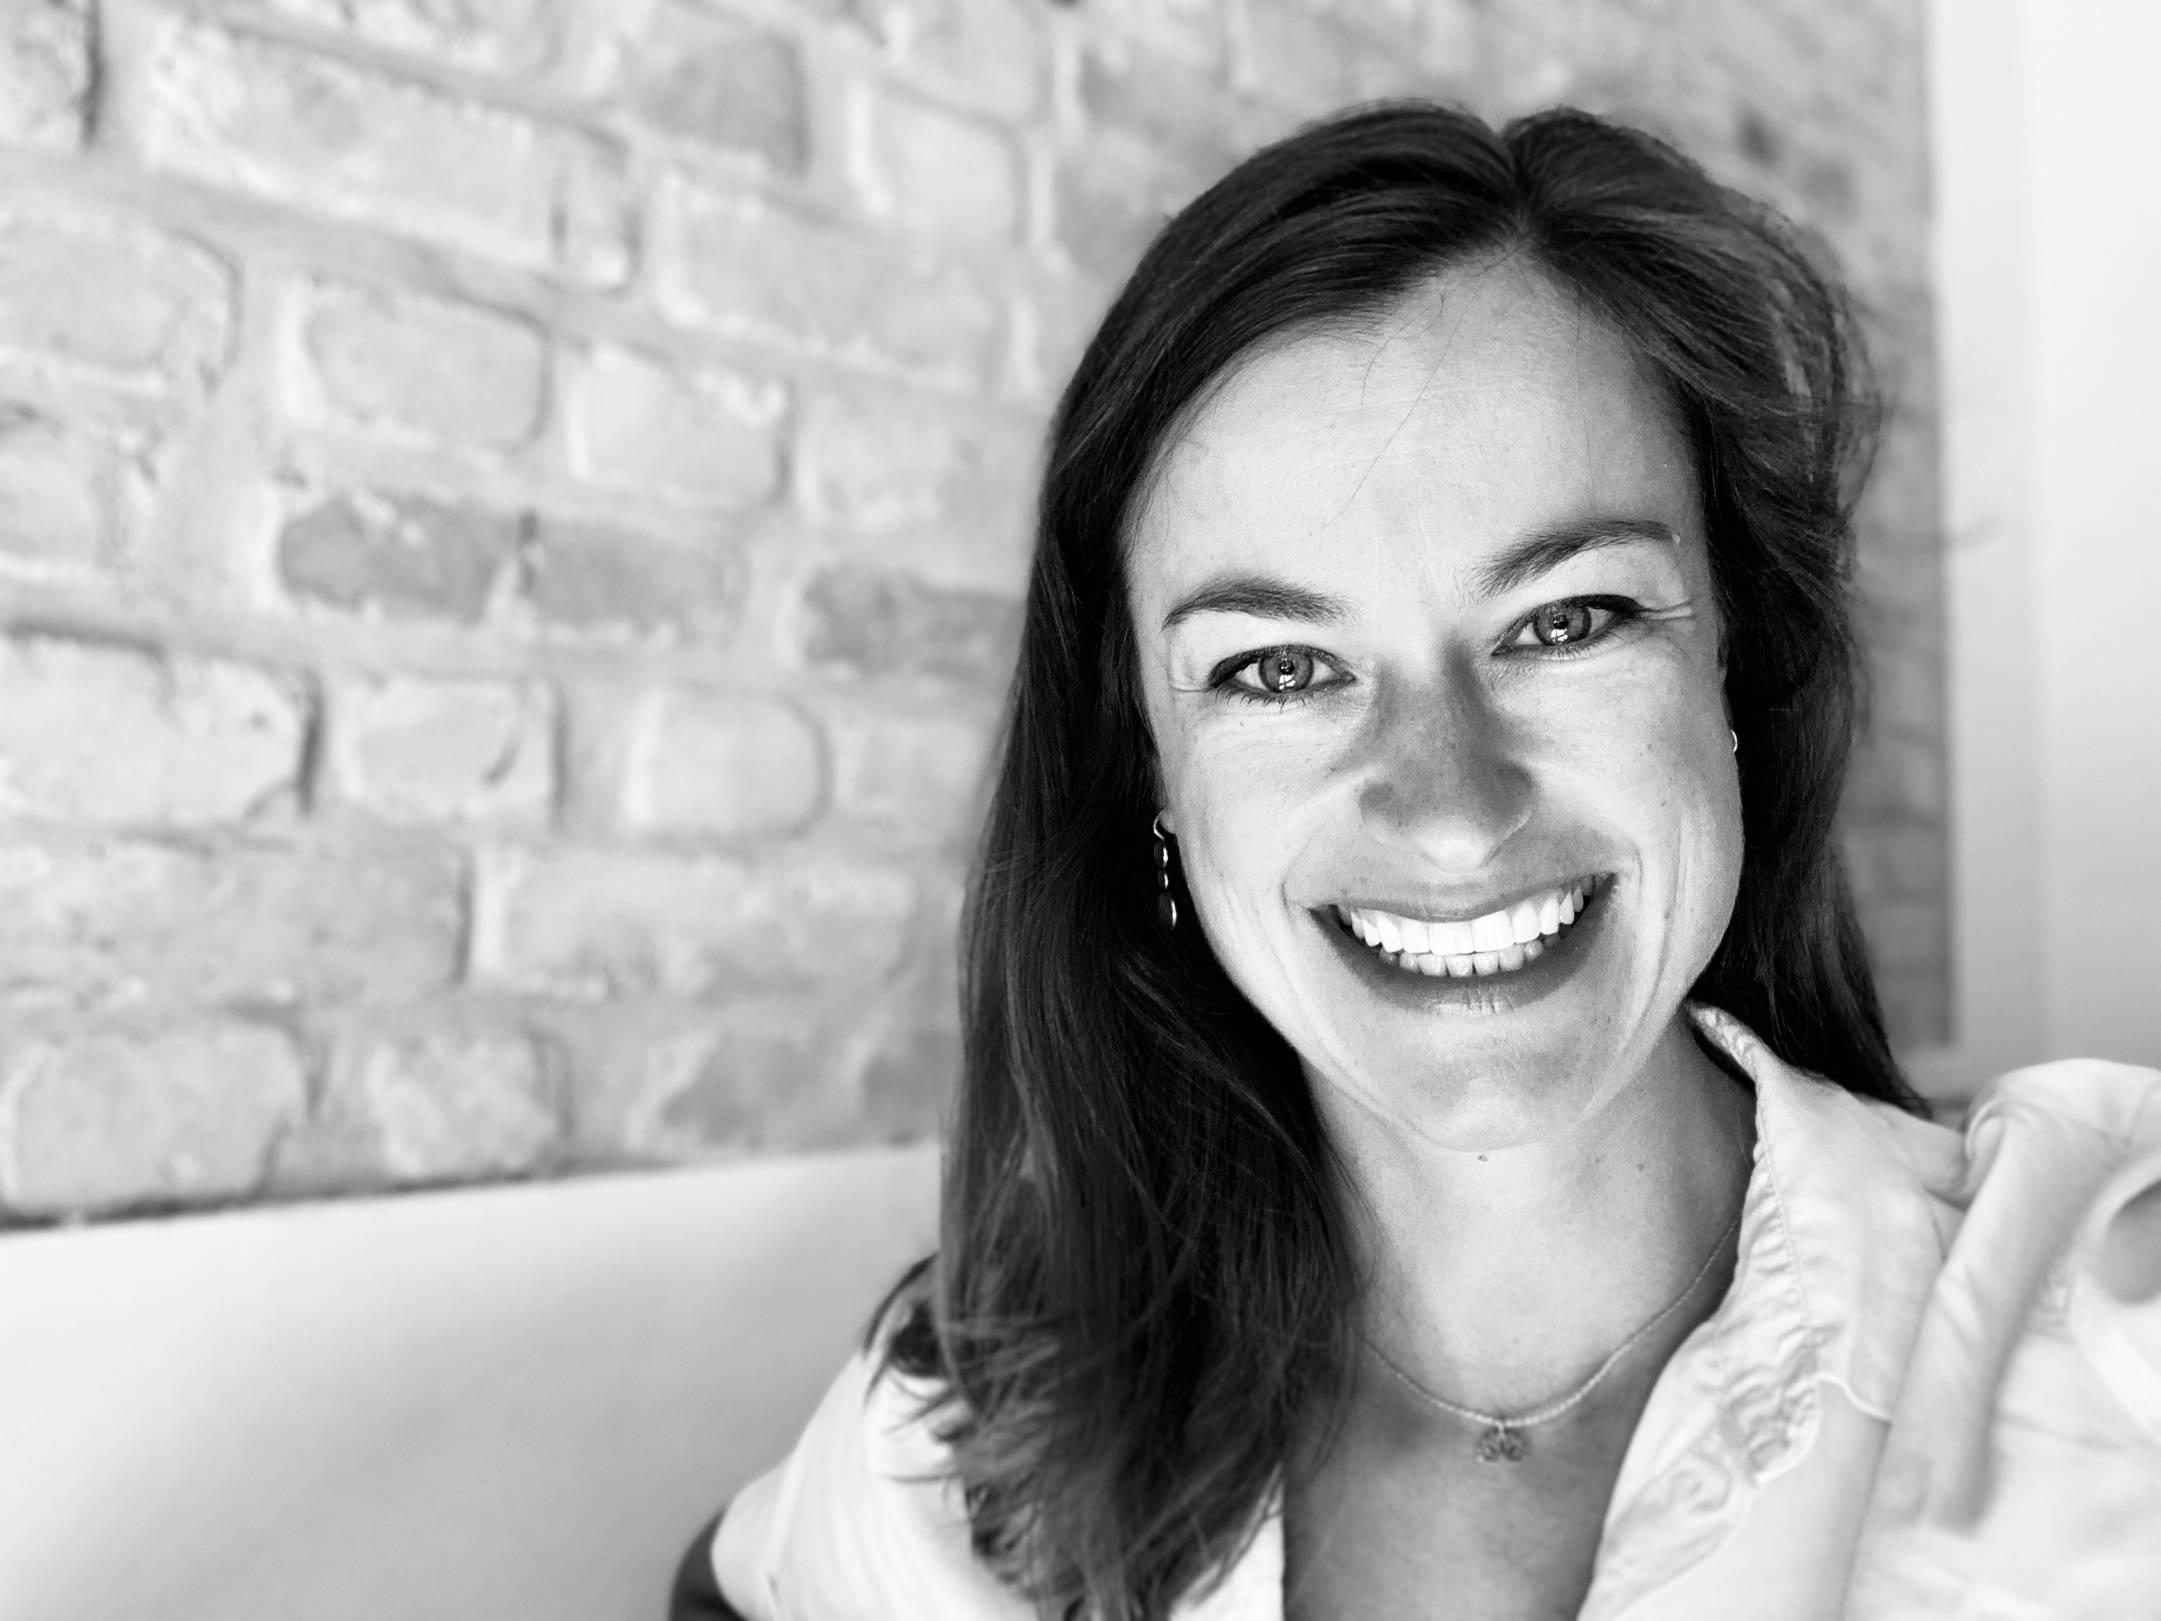 Anne-Katrin Rossner